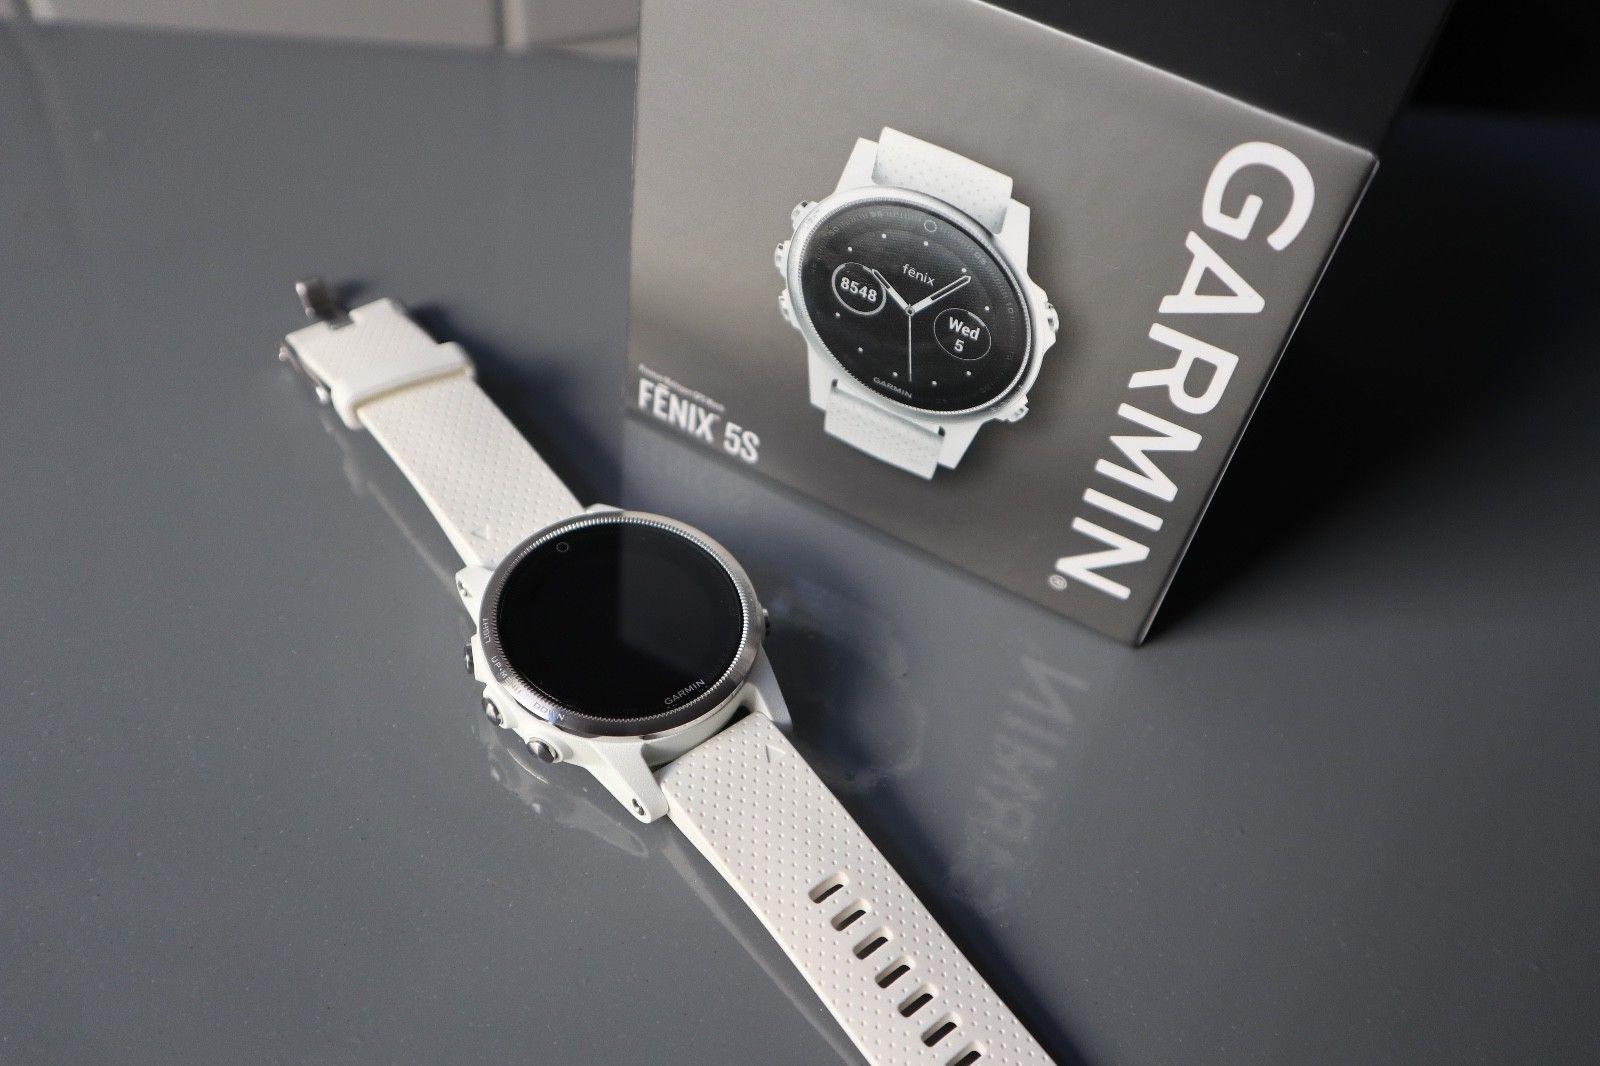 Garmin Fenix 5S - 42mm - silber mit weißem Silikonarmband